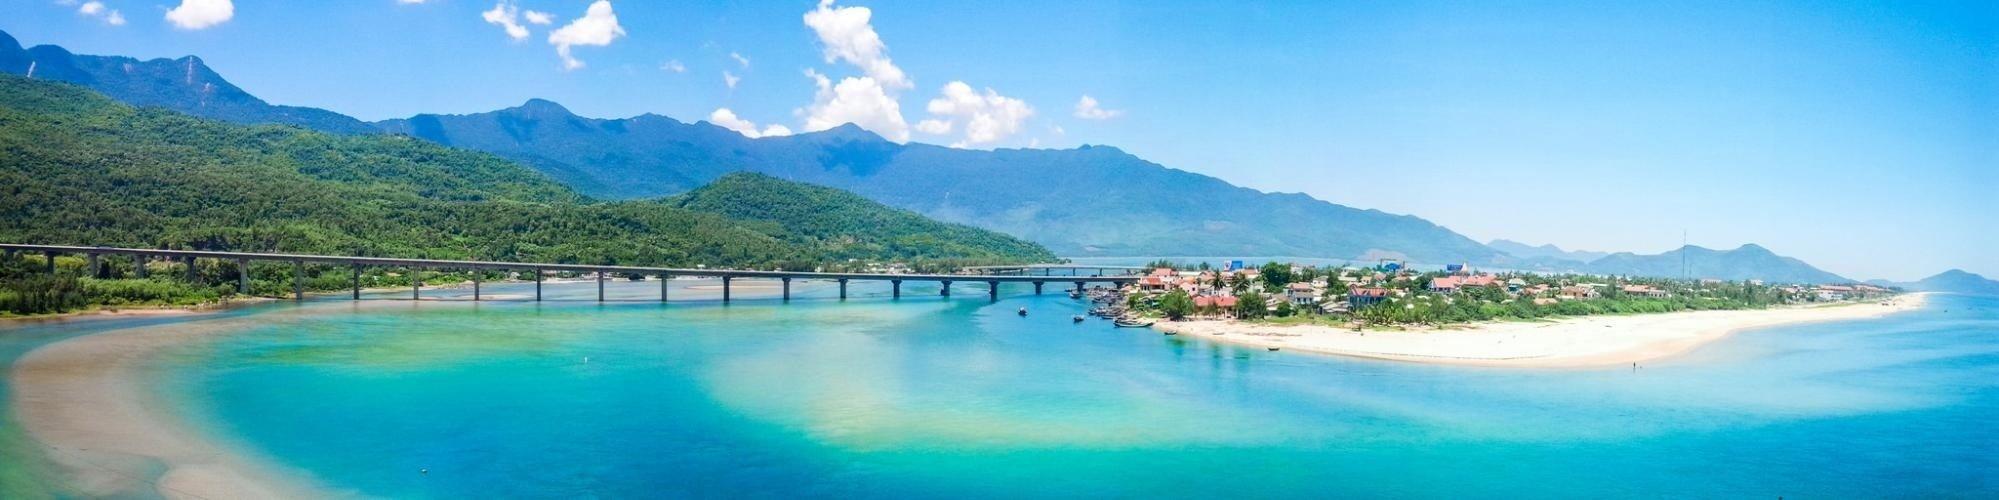 Vịnh Lăng Cô trong xanh bát ngát